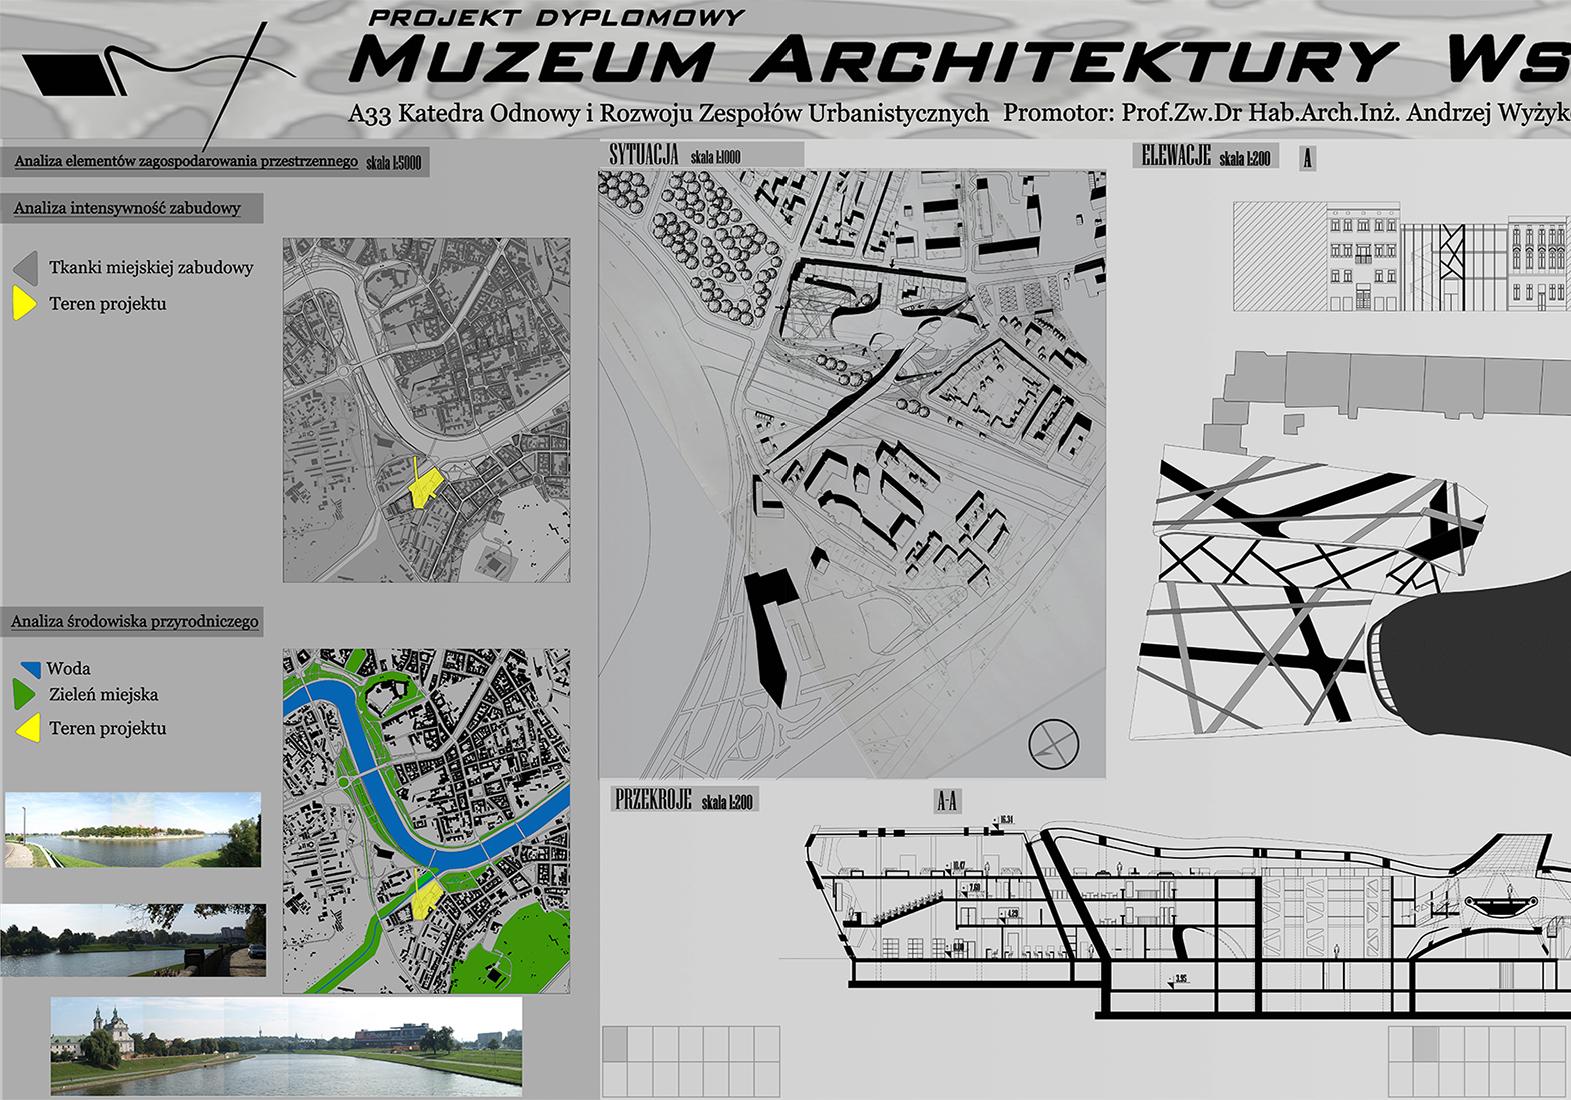 muzeum_guggenheima_krakow_krzysztofwrona_01